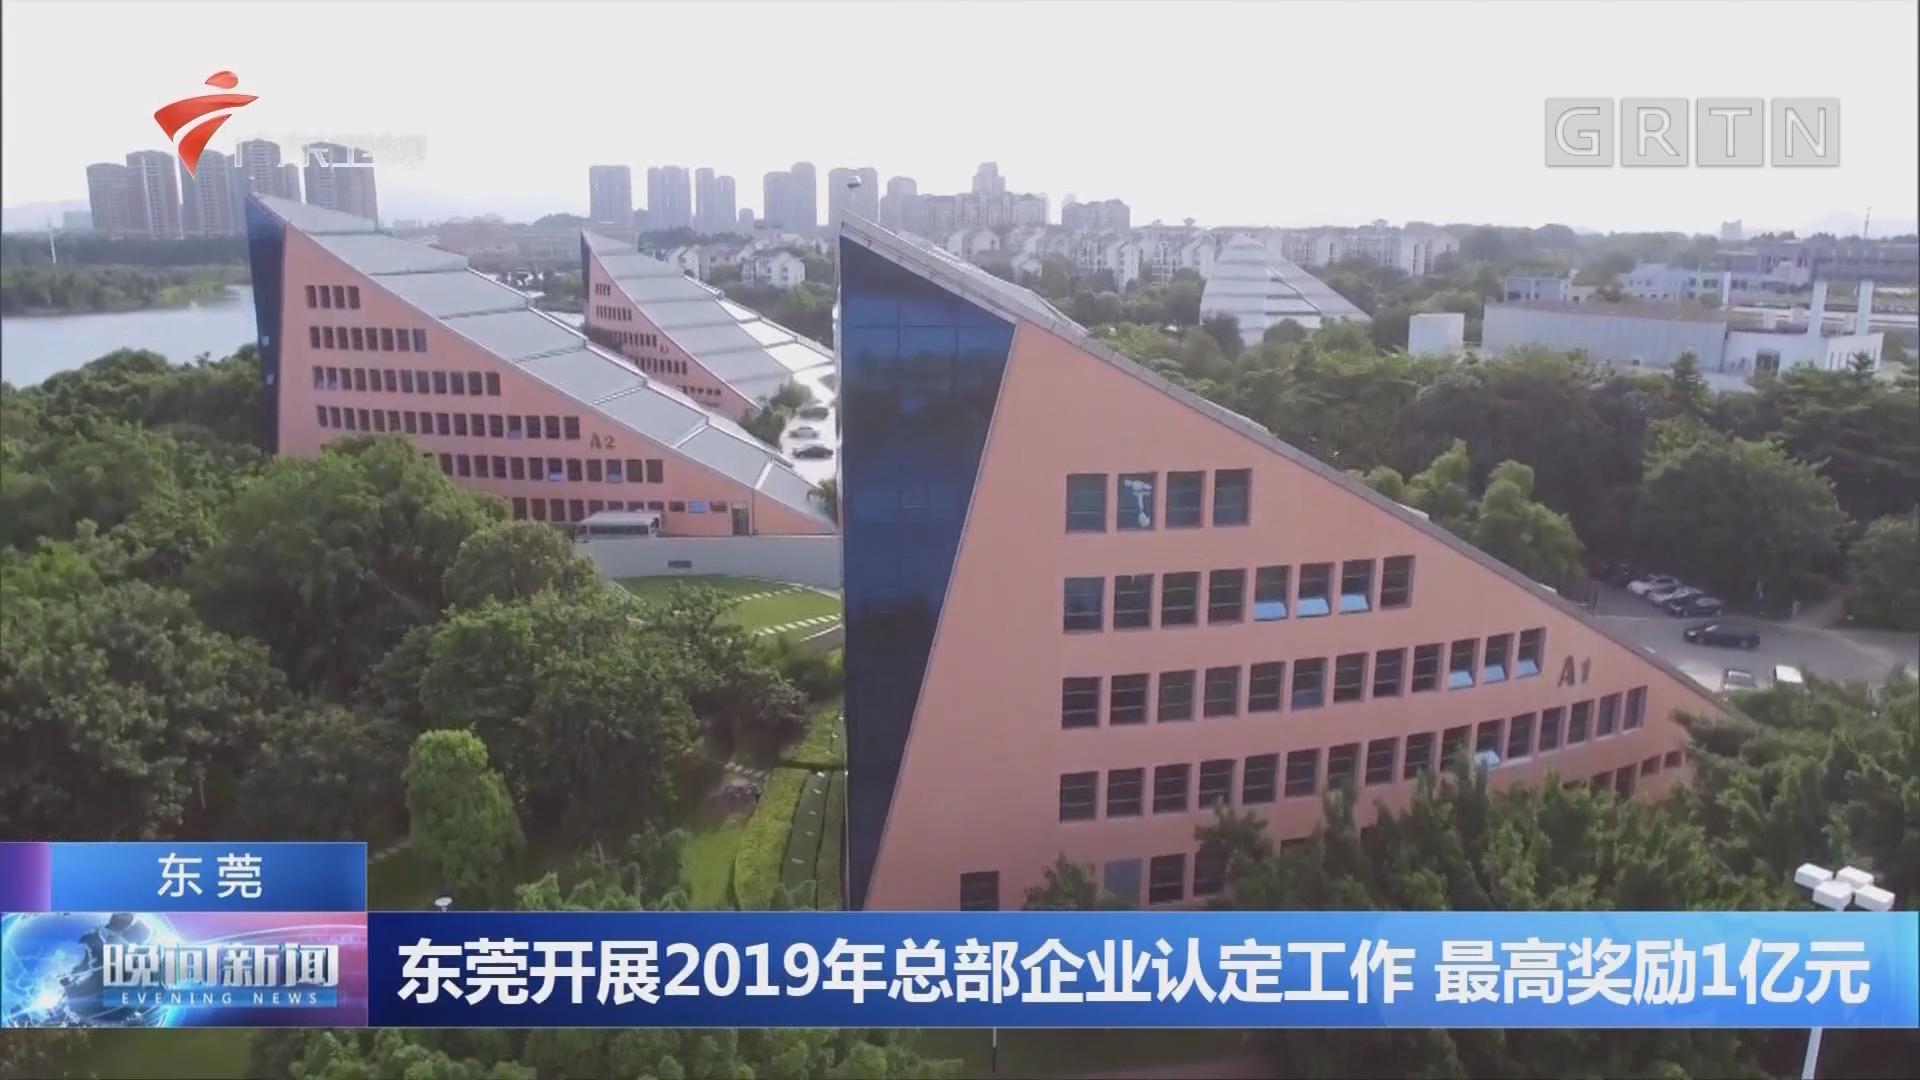 东莞开展2019年总部企业认定工作 最高奖励1亿元